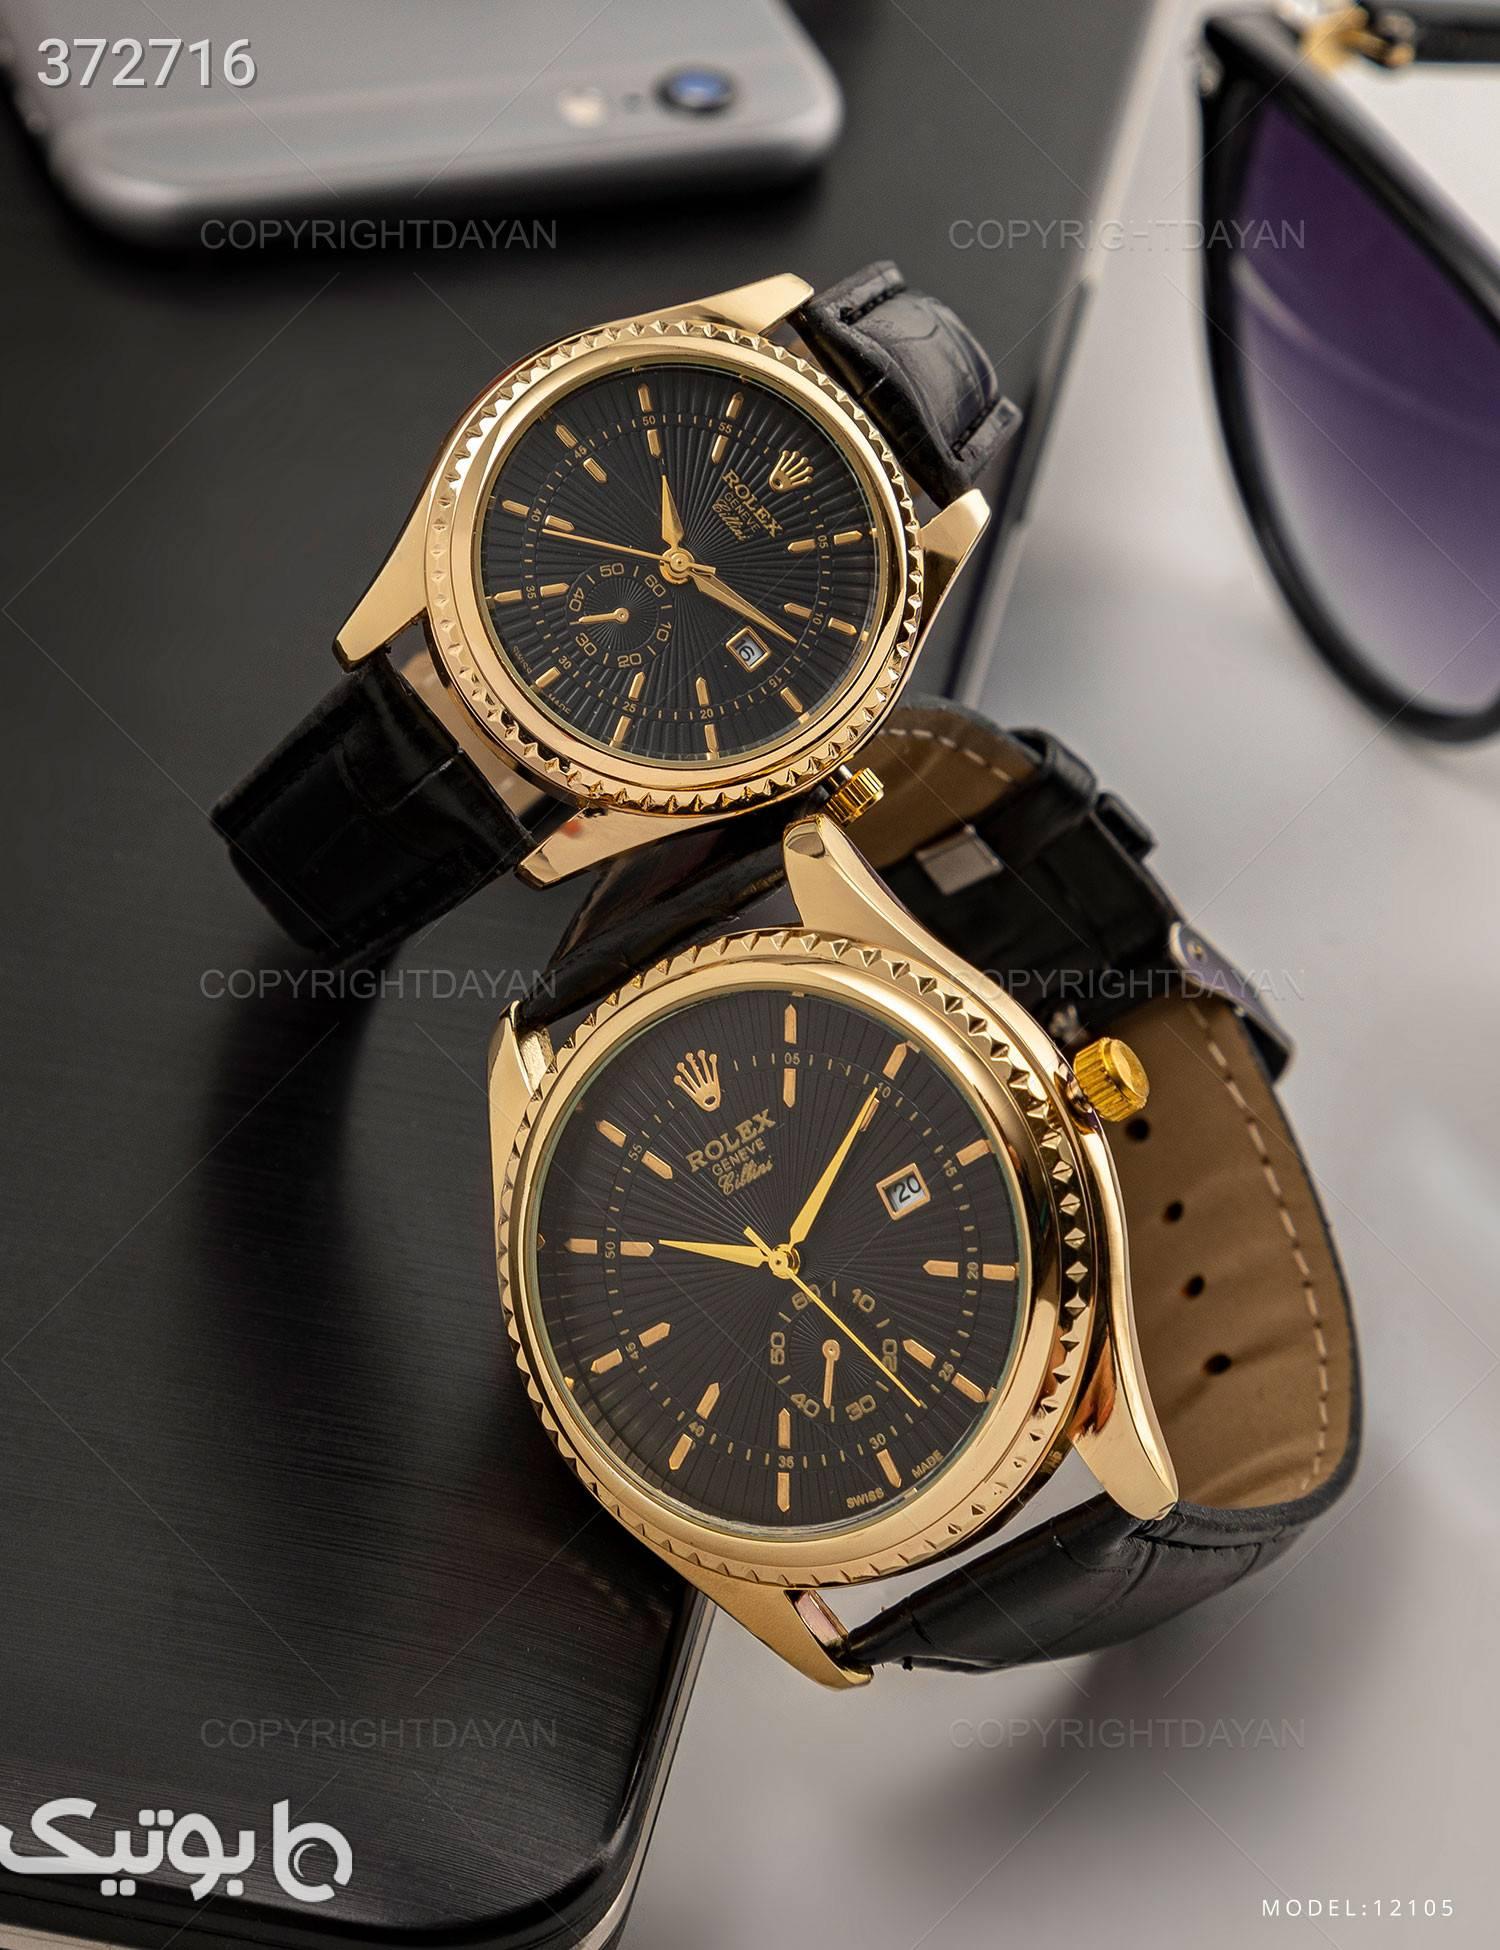 ست ساعت مچی Rolex مدل 12105 طلایی ساعت